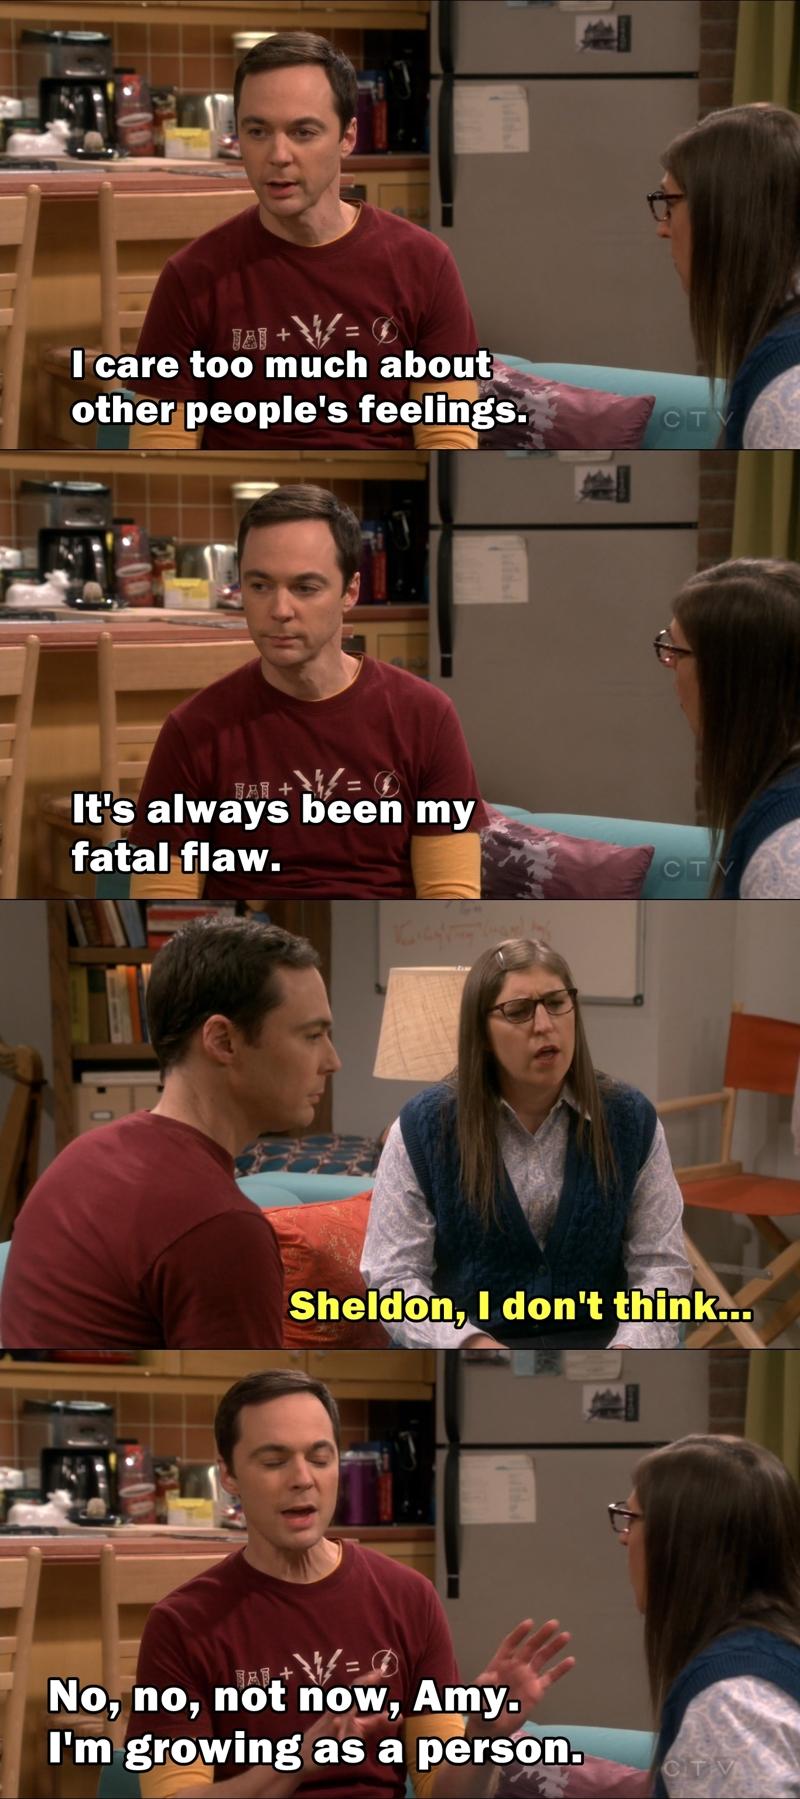 Sheldon's fatal flaw